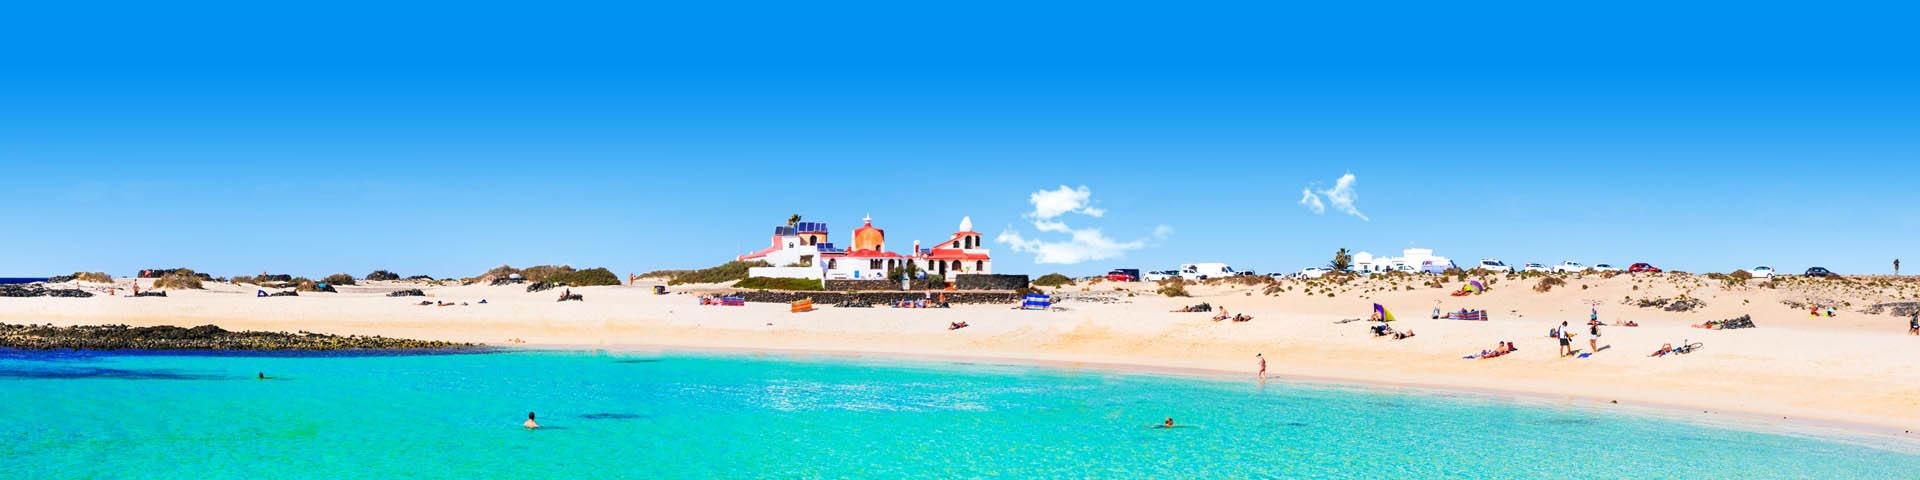 Prachtige, heldere turqoise zee met wit zandstrand op Fuerteventura